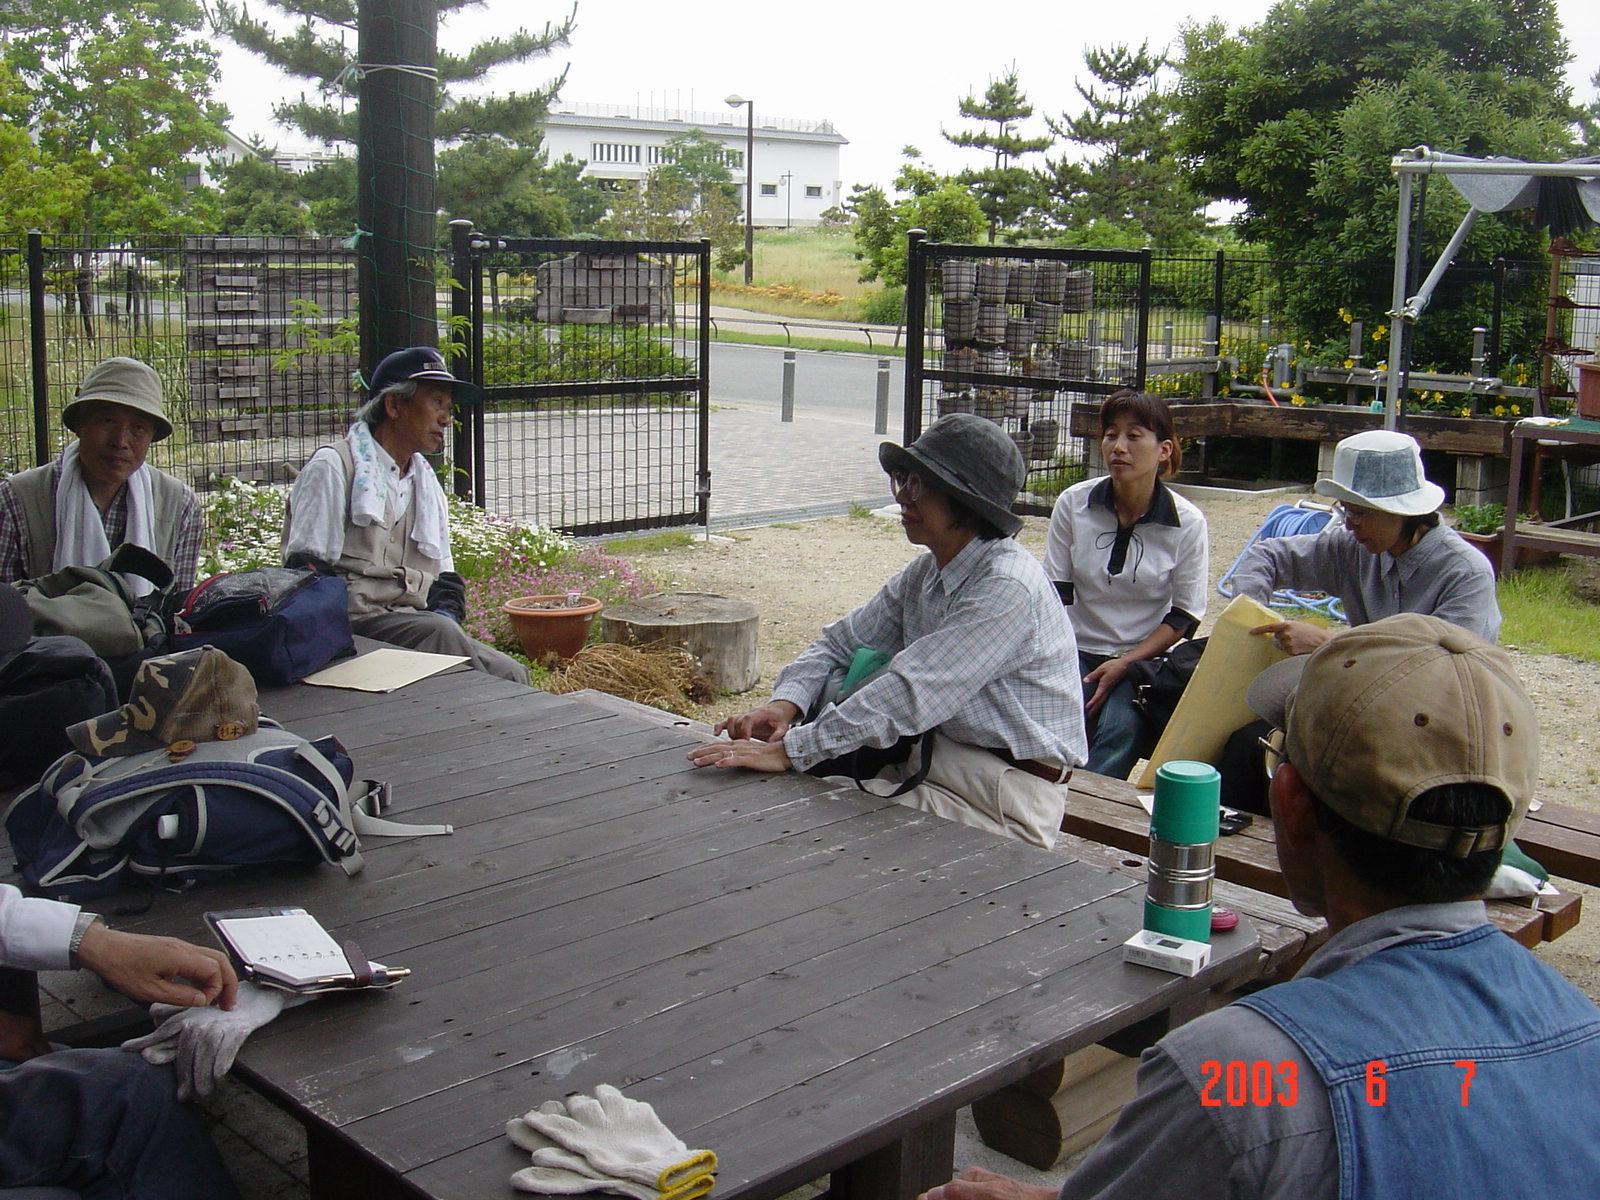 うみべの森の歴史⑬「2003年6月の活動」_c0108460_12032967.jpg